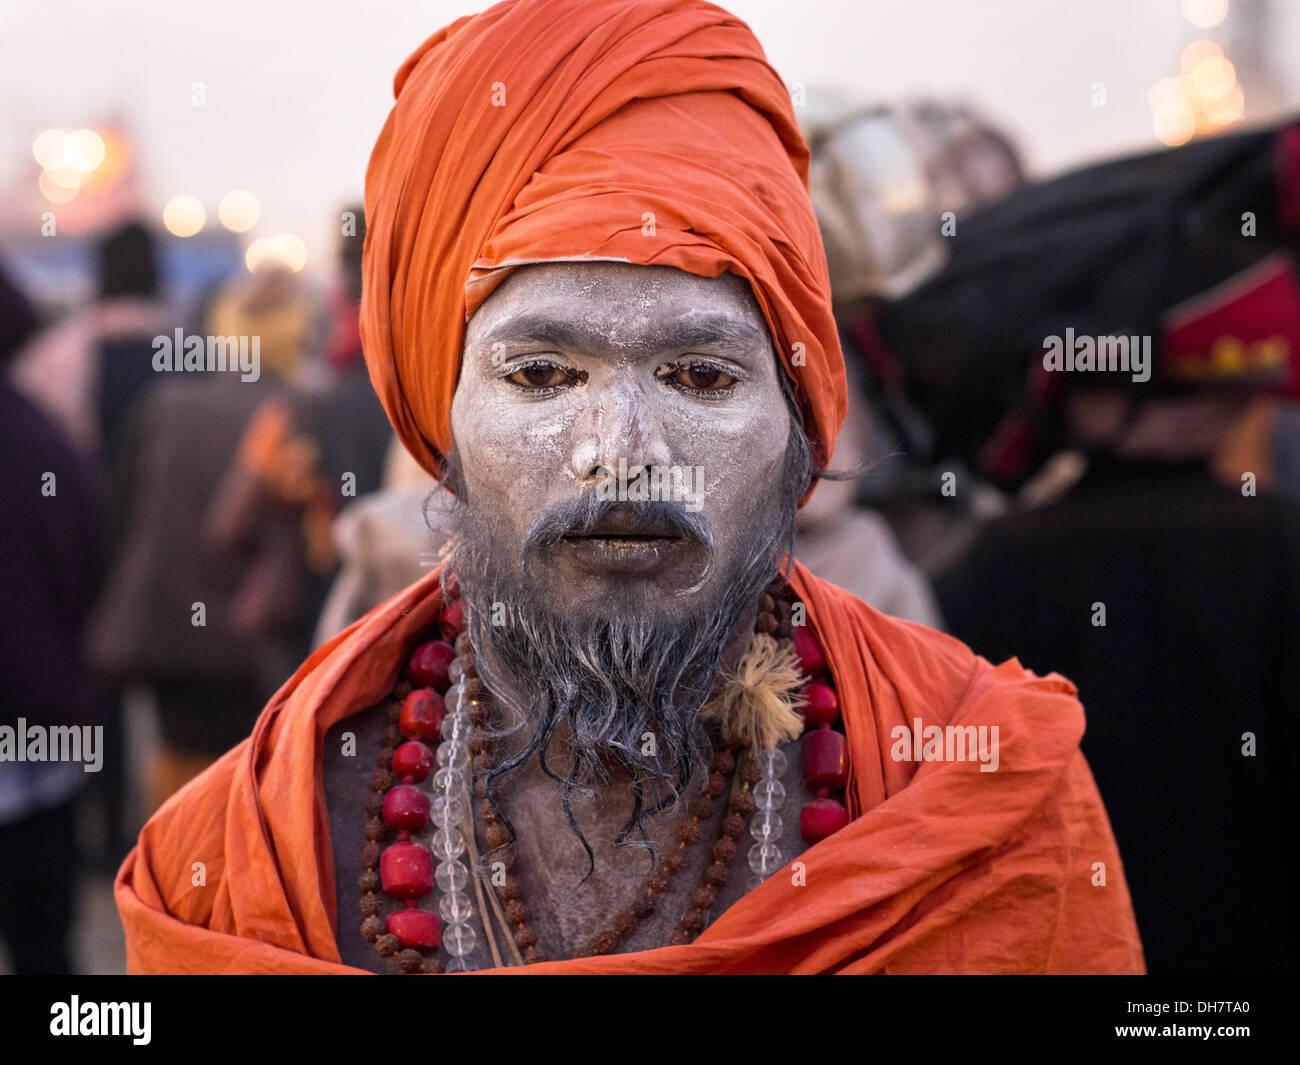 Orange-robed Indian sadhu at Kumbh Mela 2013, the world's largest religious festival in Allahabad, India. - Stock Image